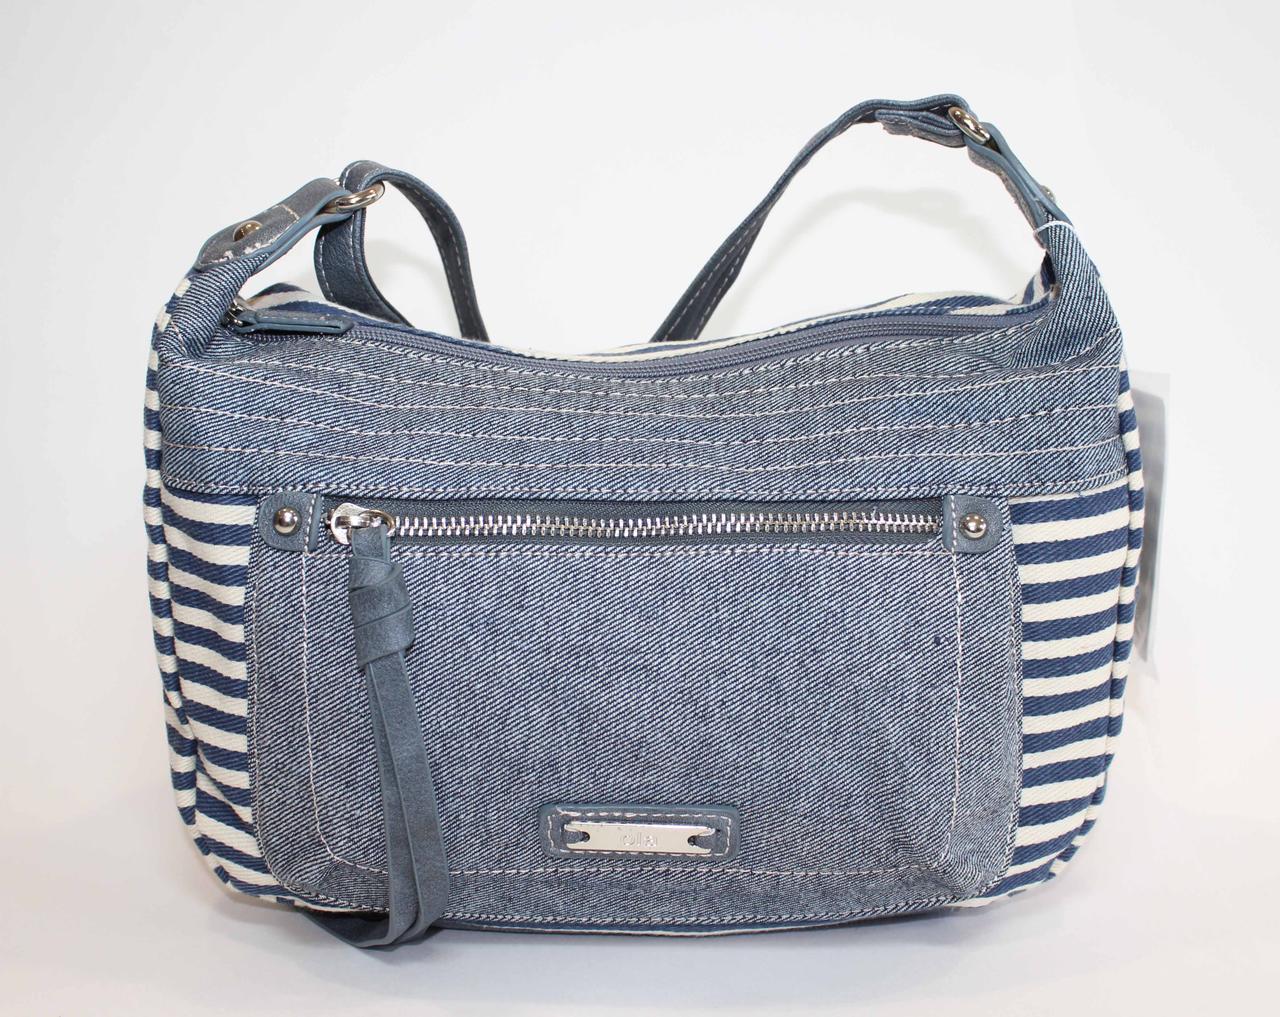 e4d1cb5bb3d5 Сумочка женская джинсовая Ola - Komodd - Женские сумки,рюкзачки,спортивные  сумки в Хмельницком